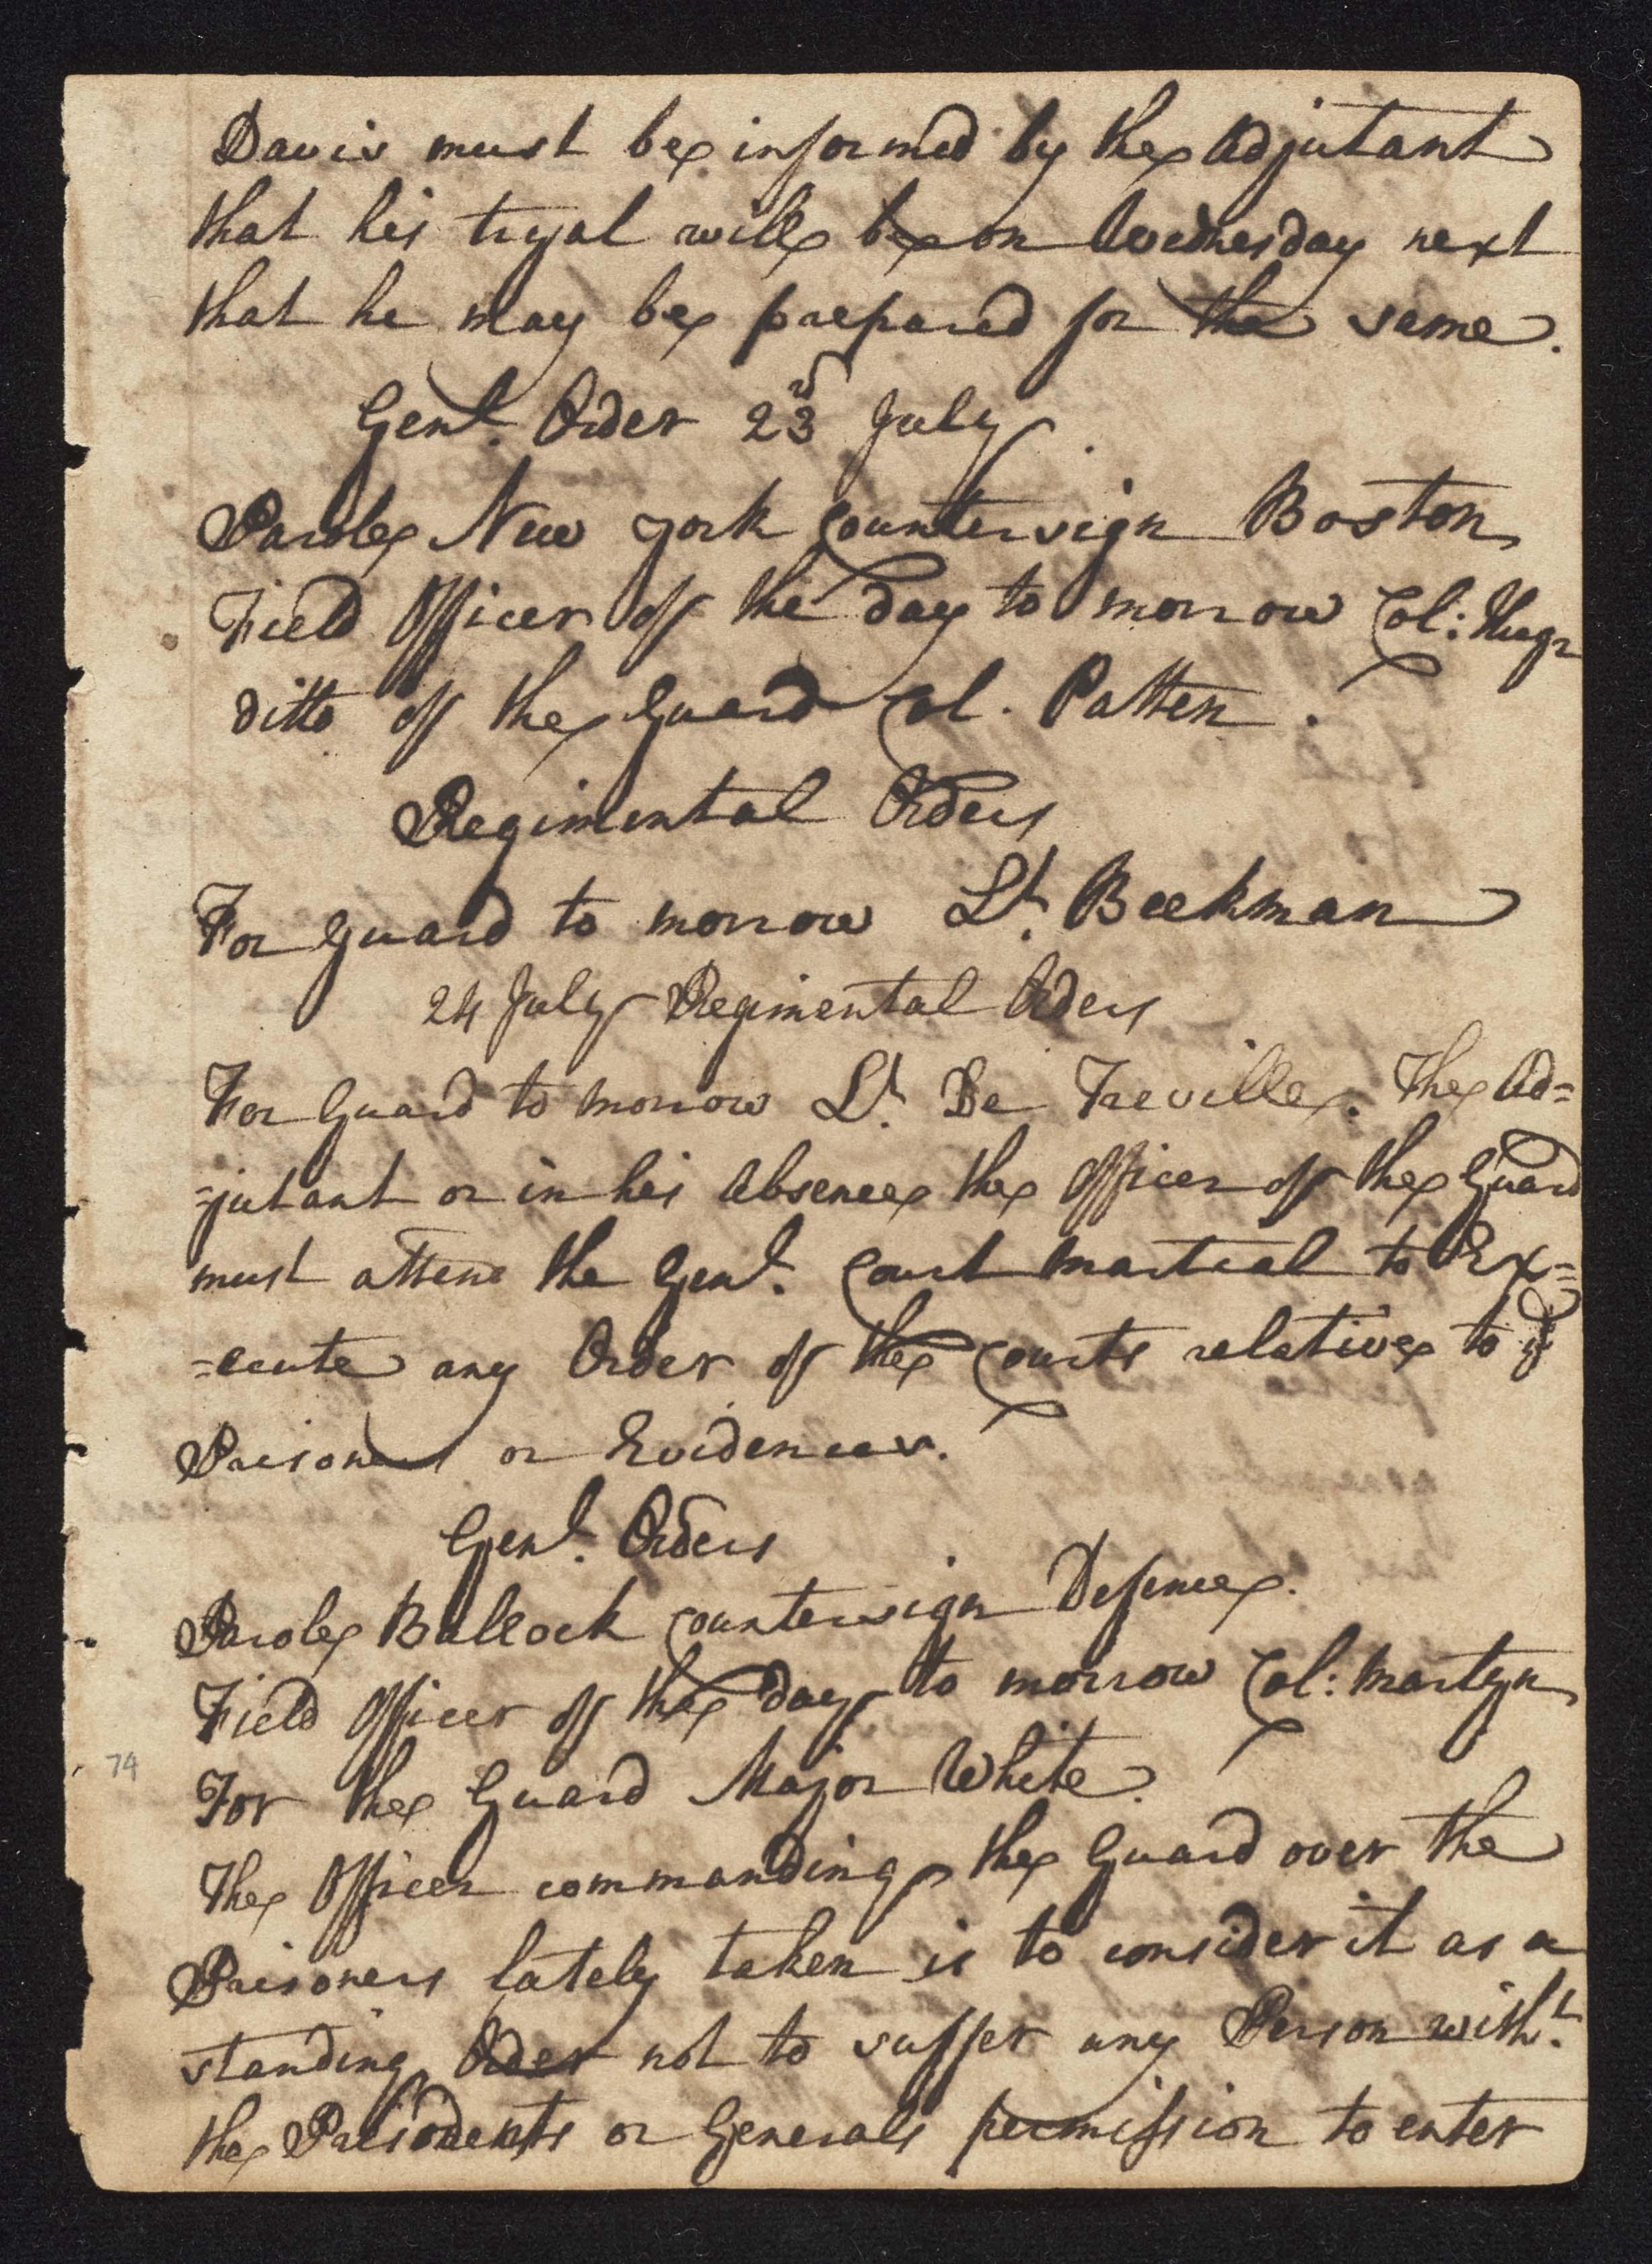 South Carolina Regiment Order Book, Page 147